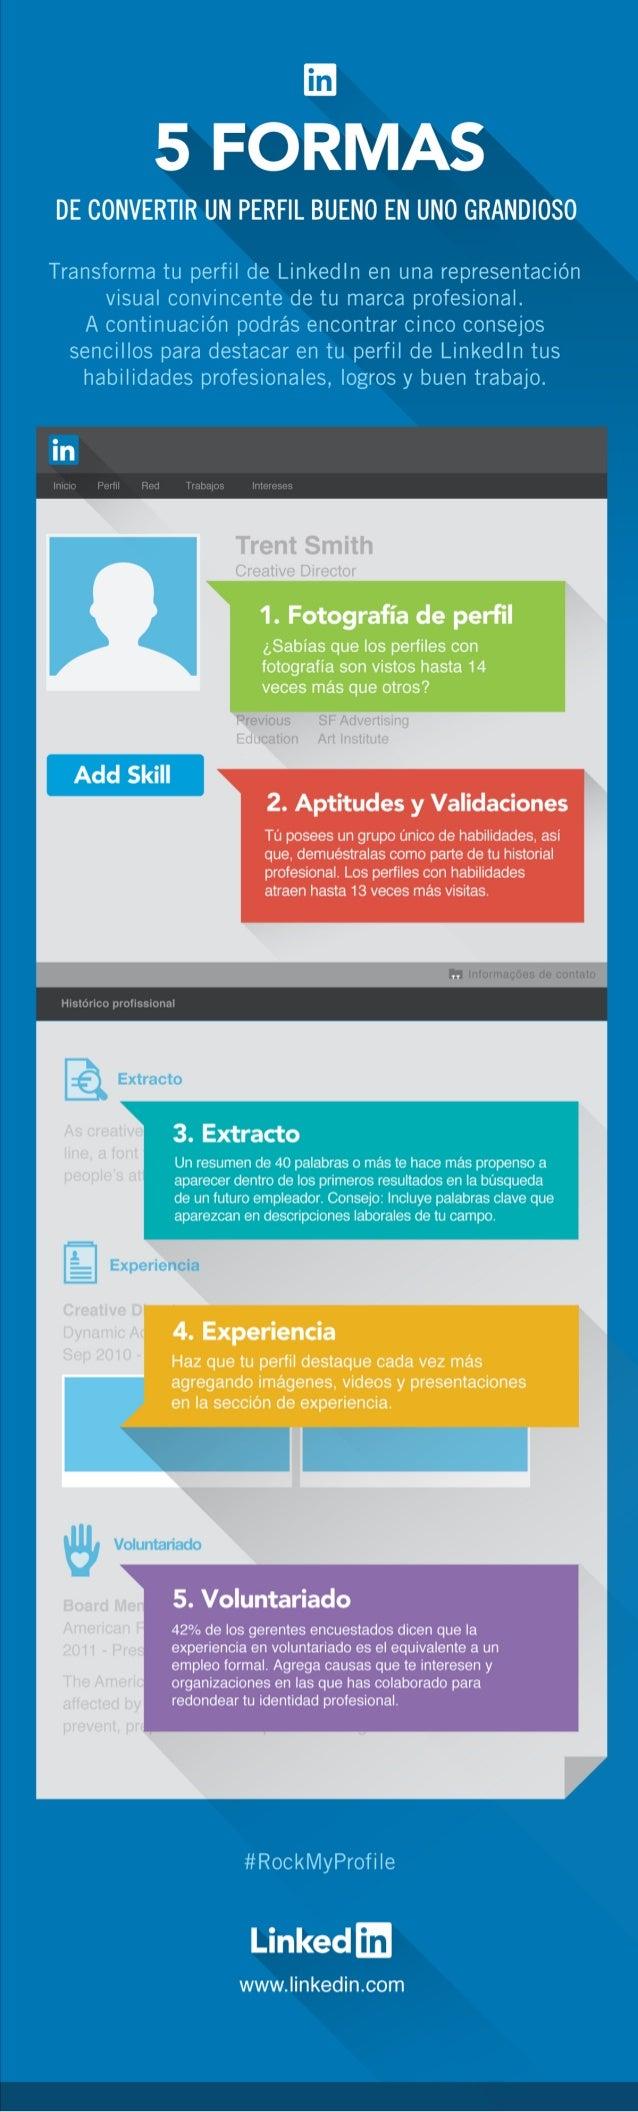 Infografía | 5 Formas de convertir un perfil bueno en uno increíble